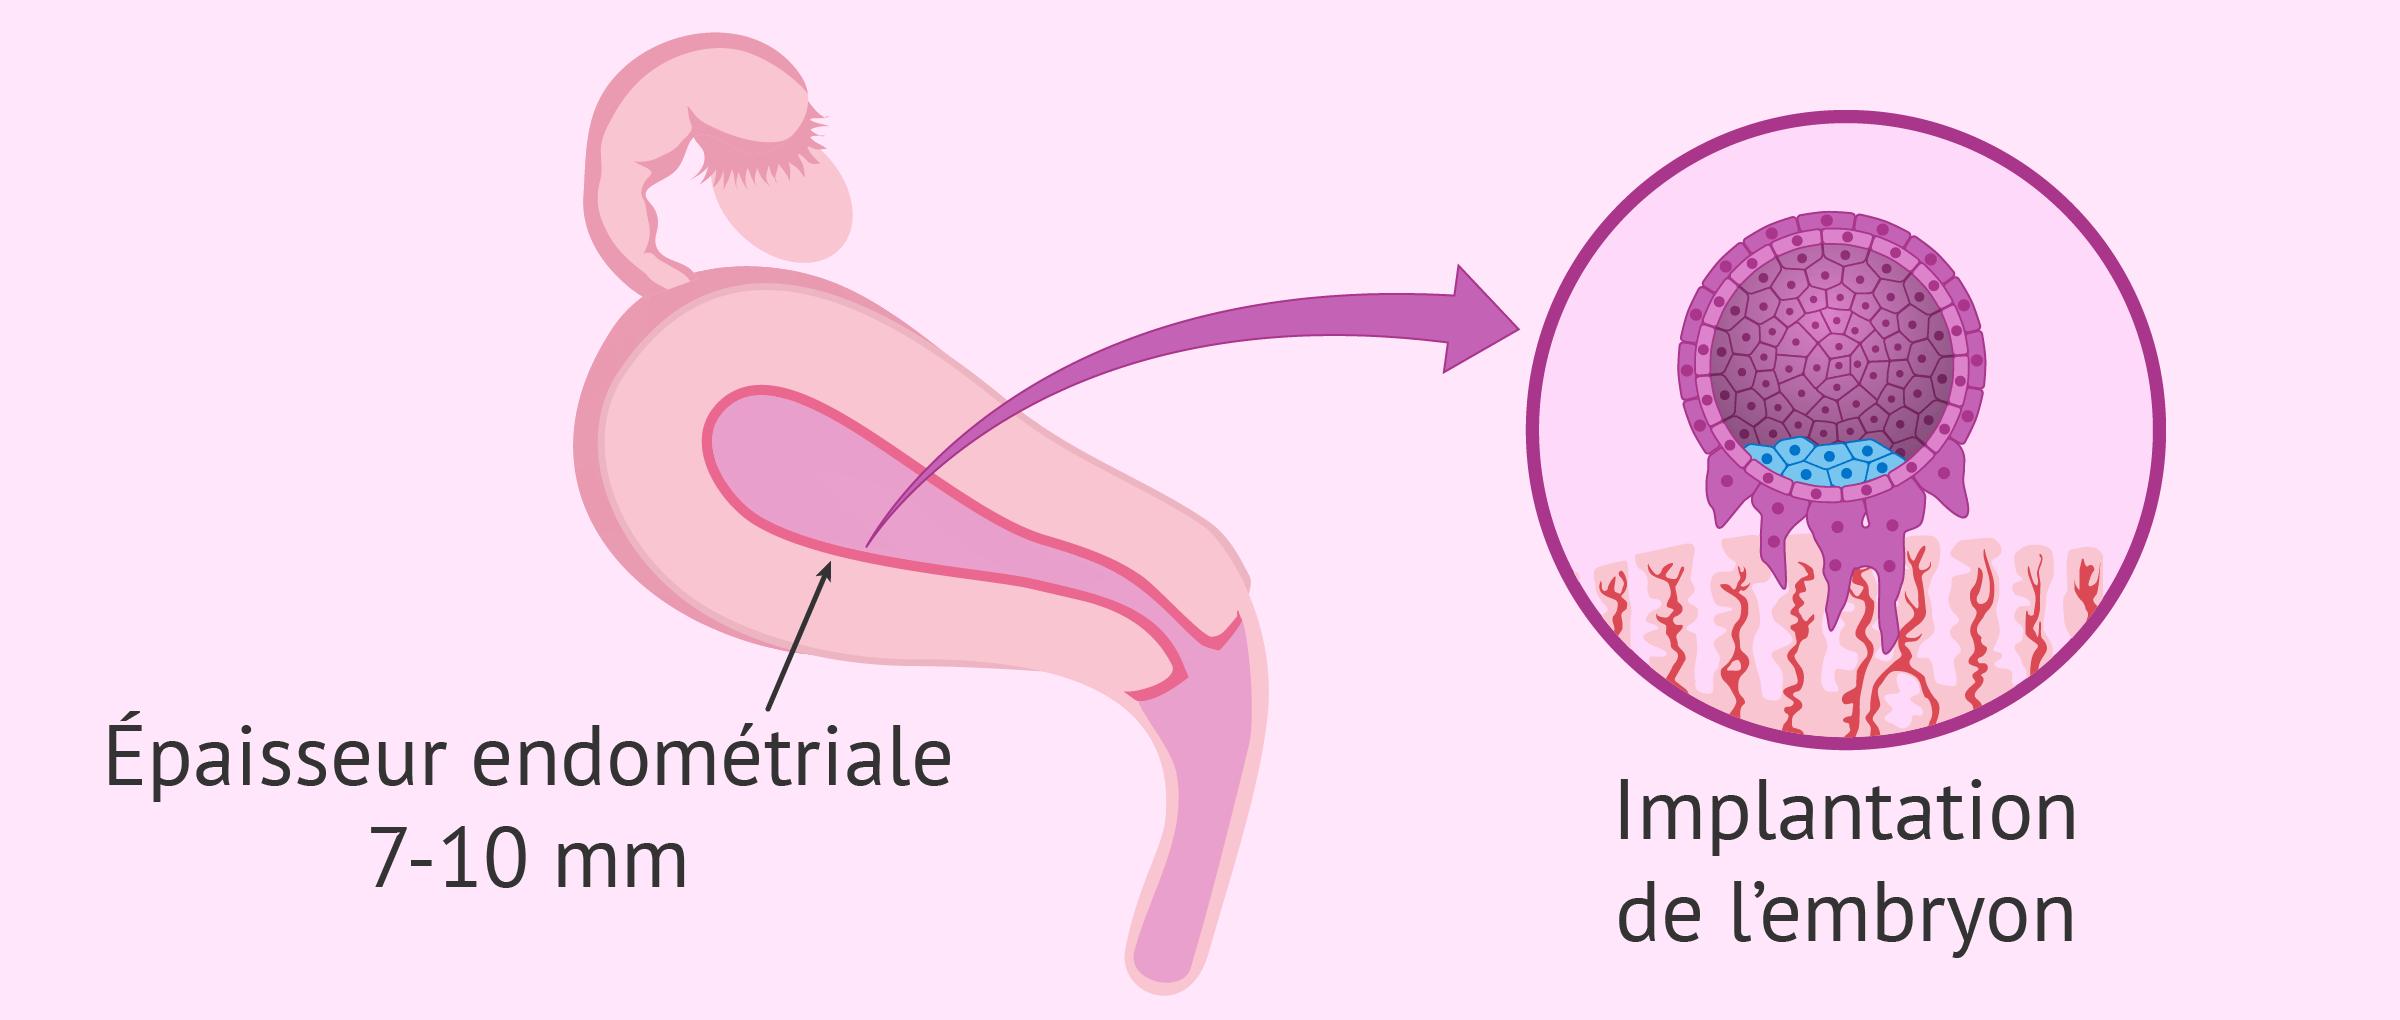 L'endomètre: comment améliorer son épaisseur pour la grossesse?